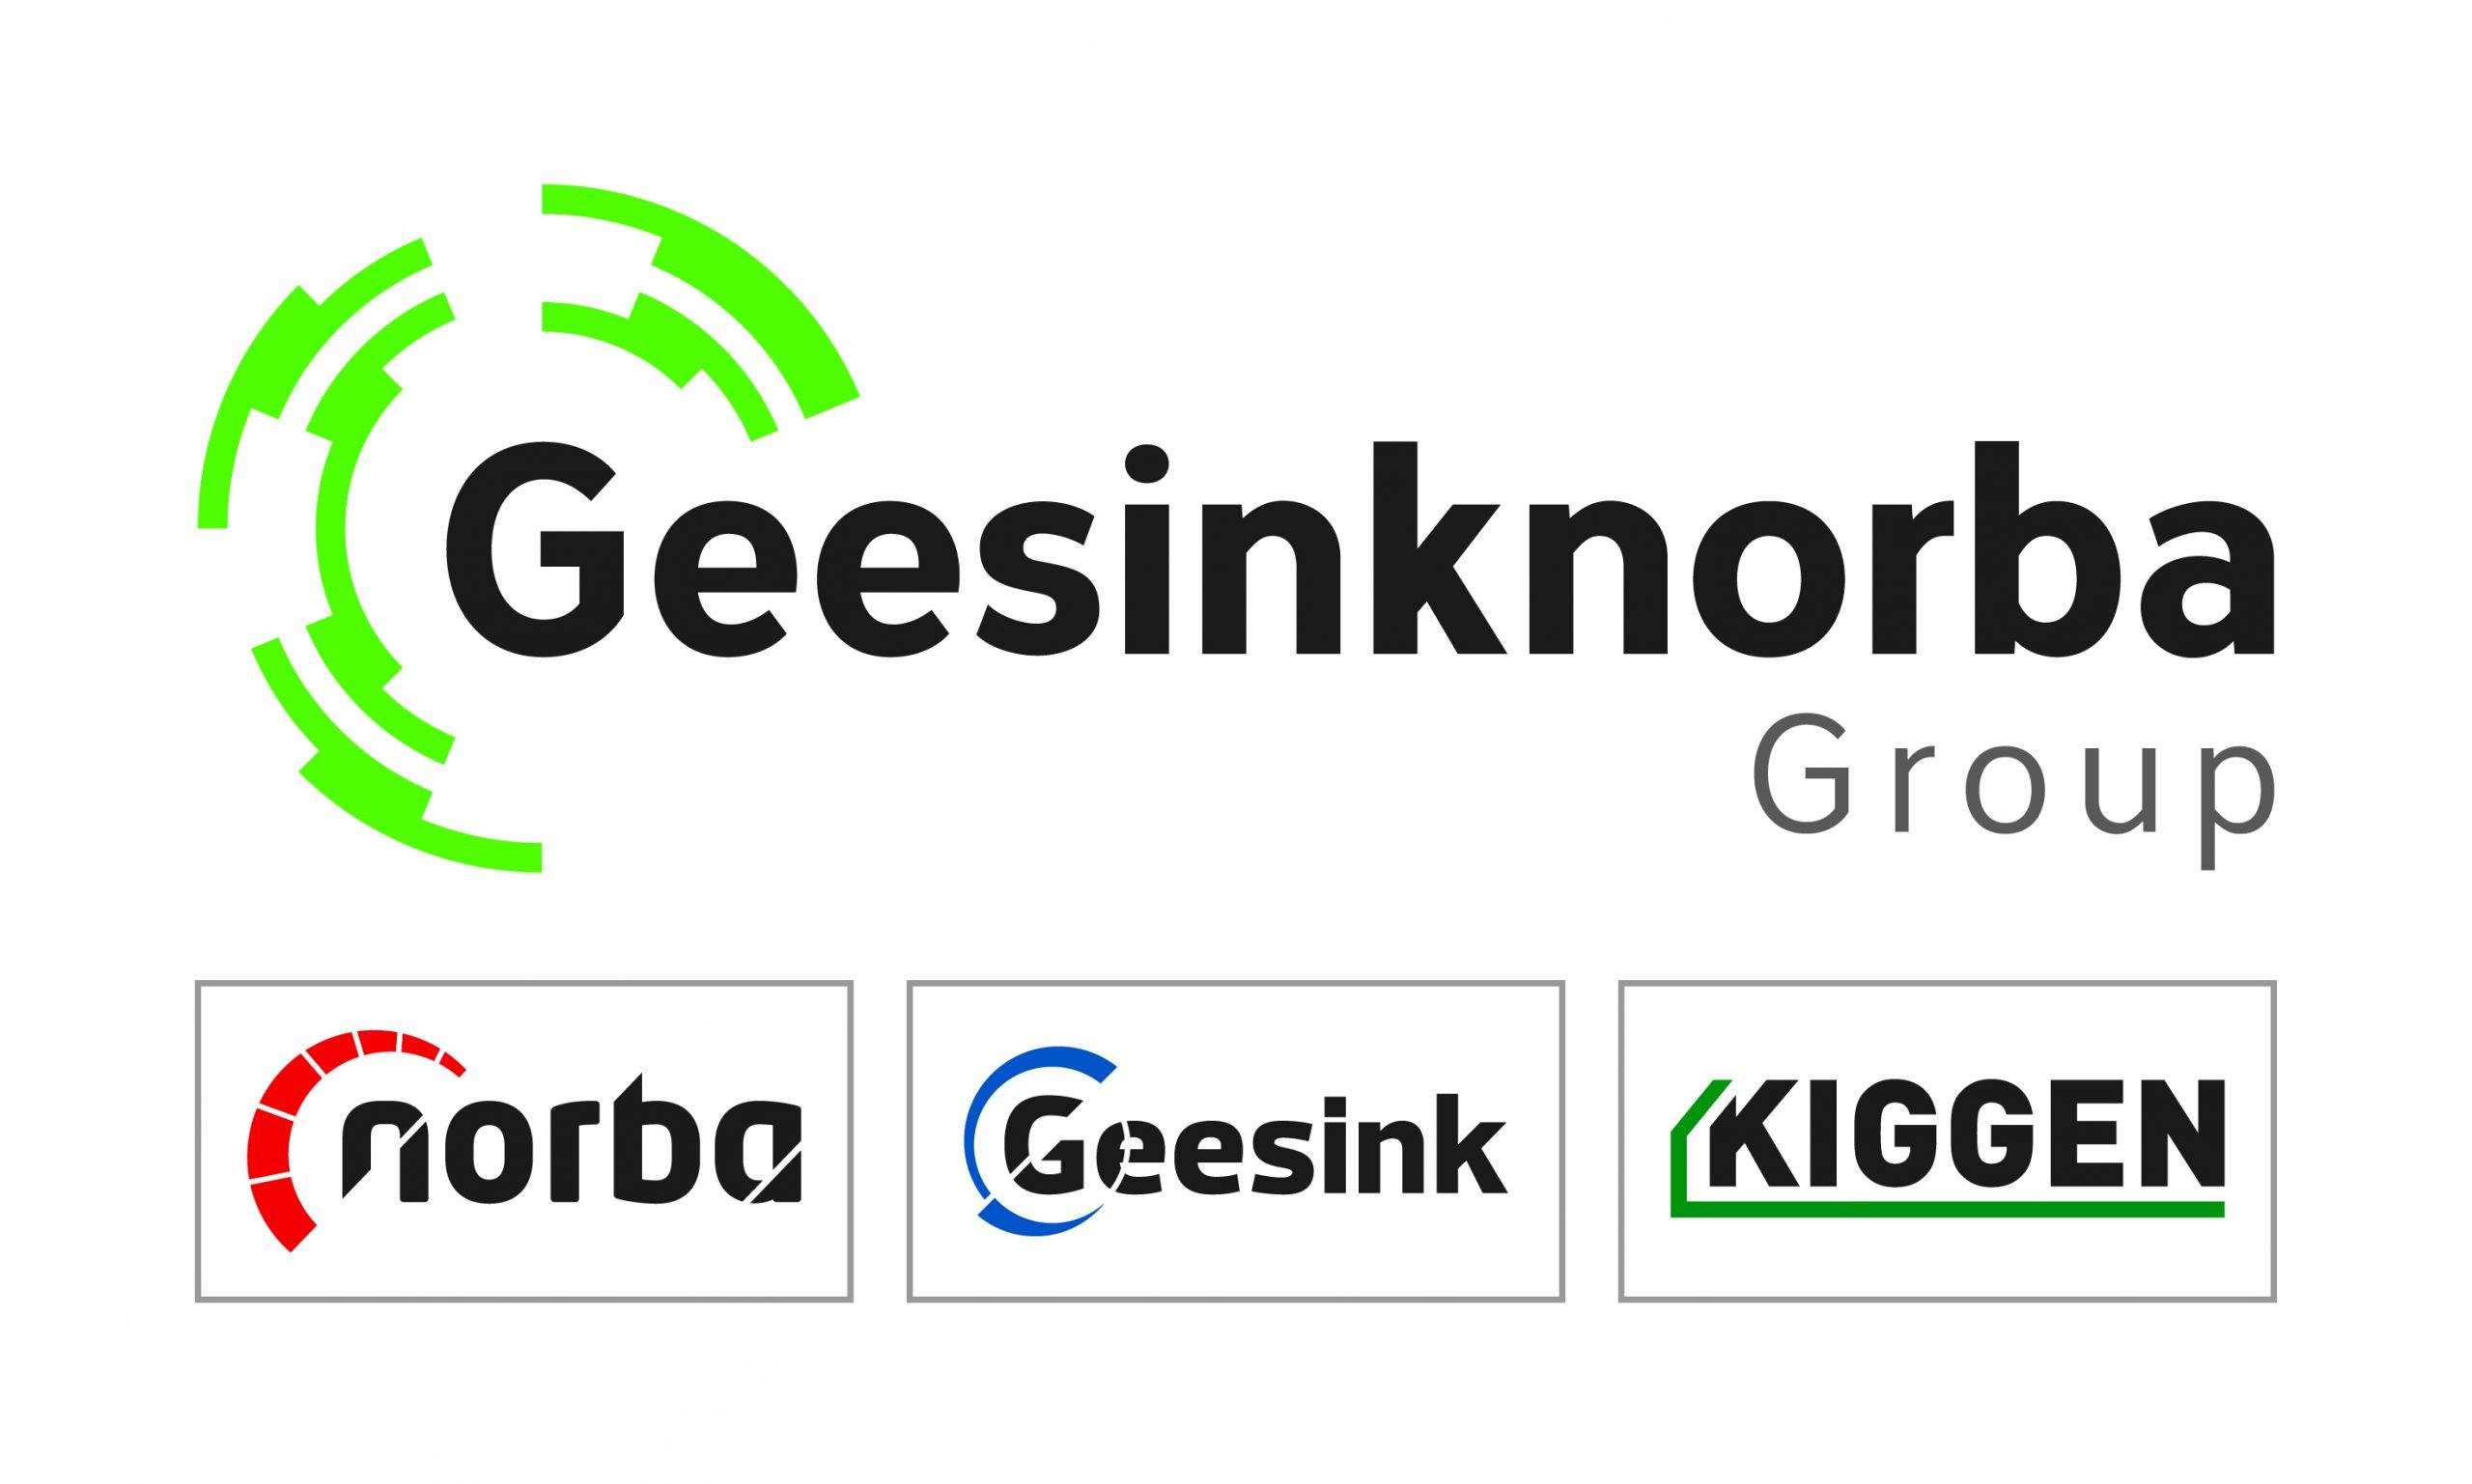 Geesinknorba logo